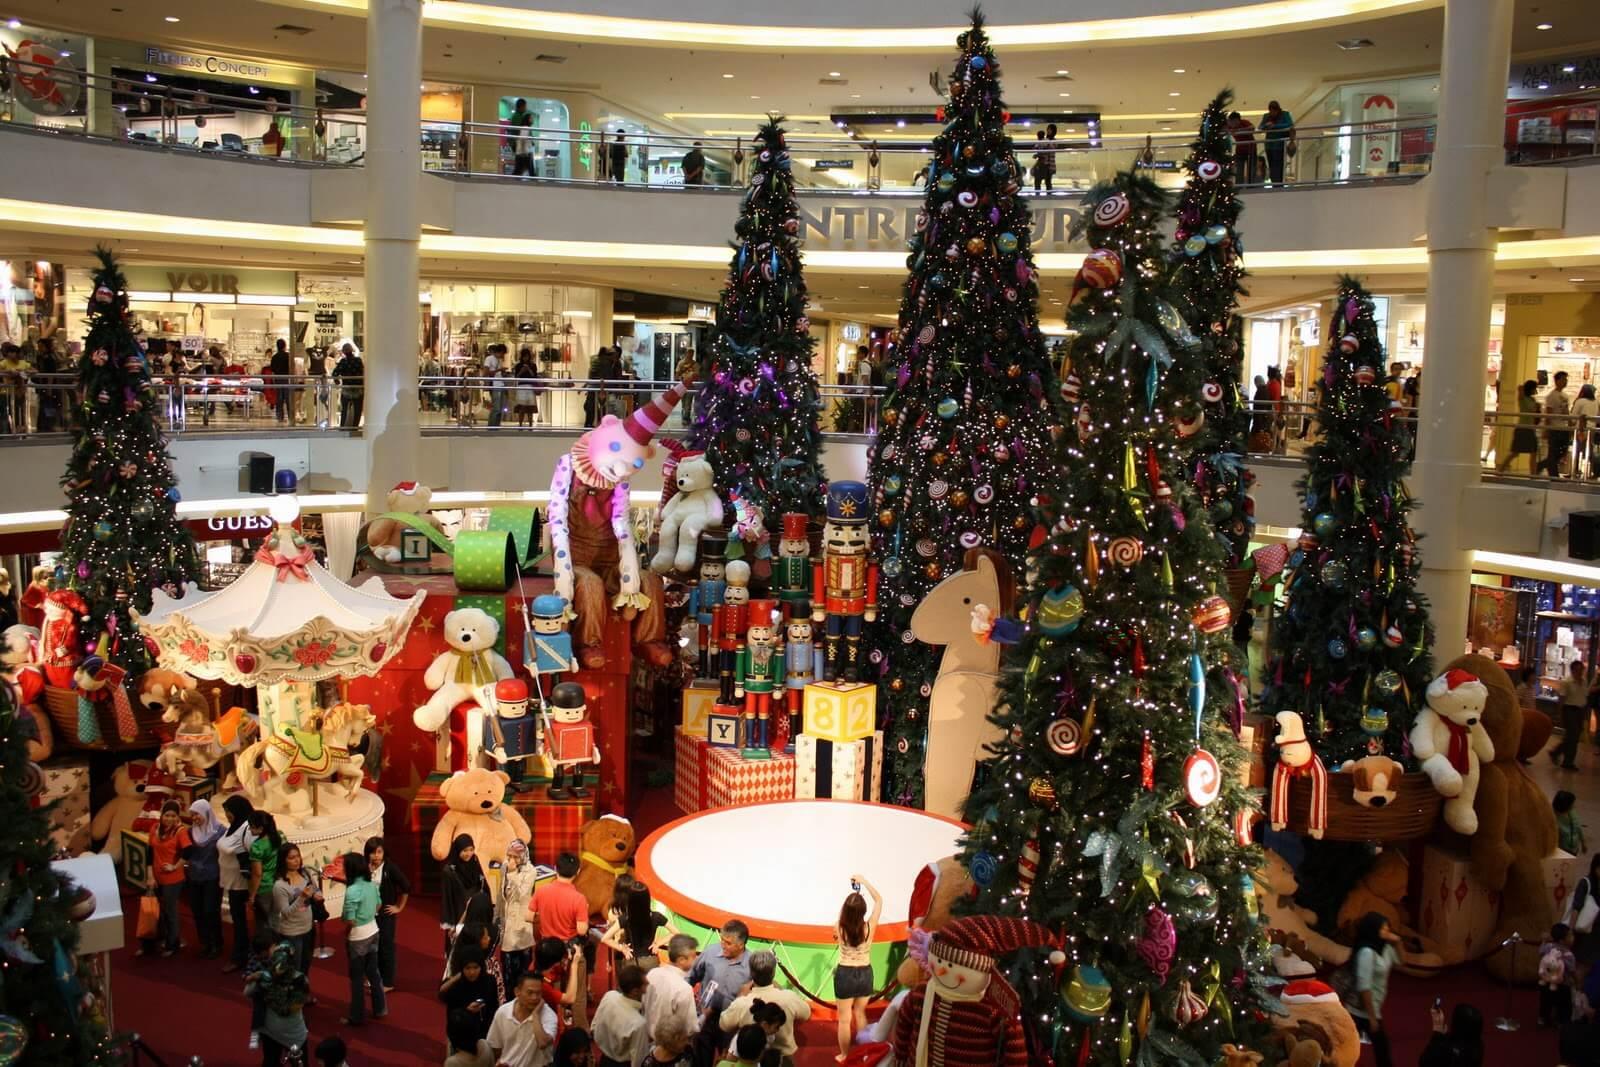 Preparando seu negócio para o Natal